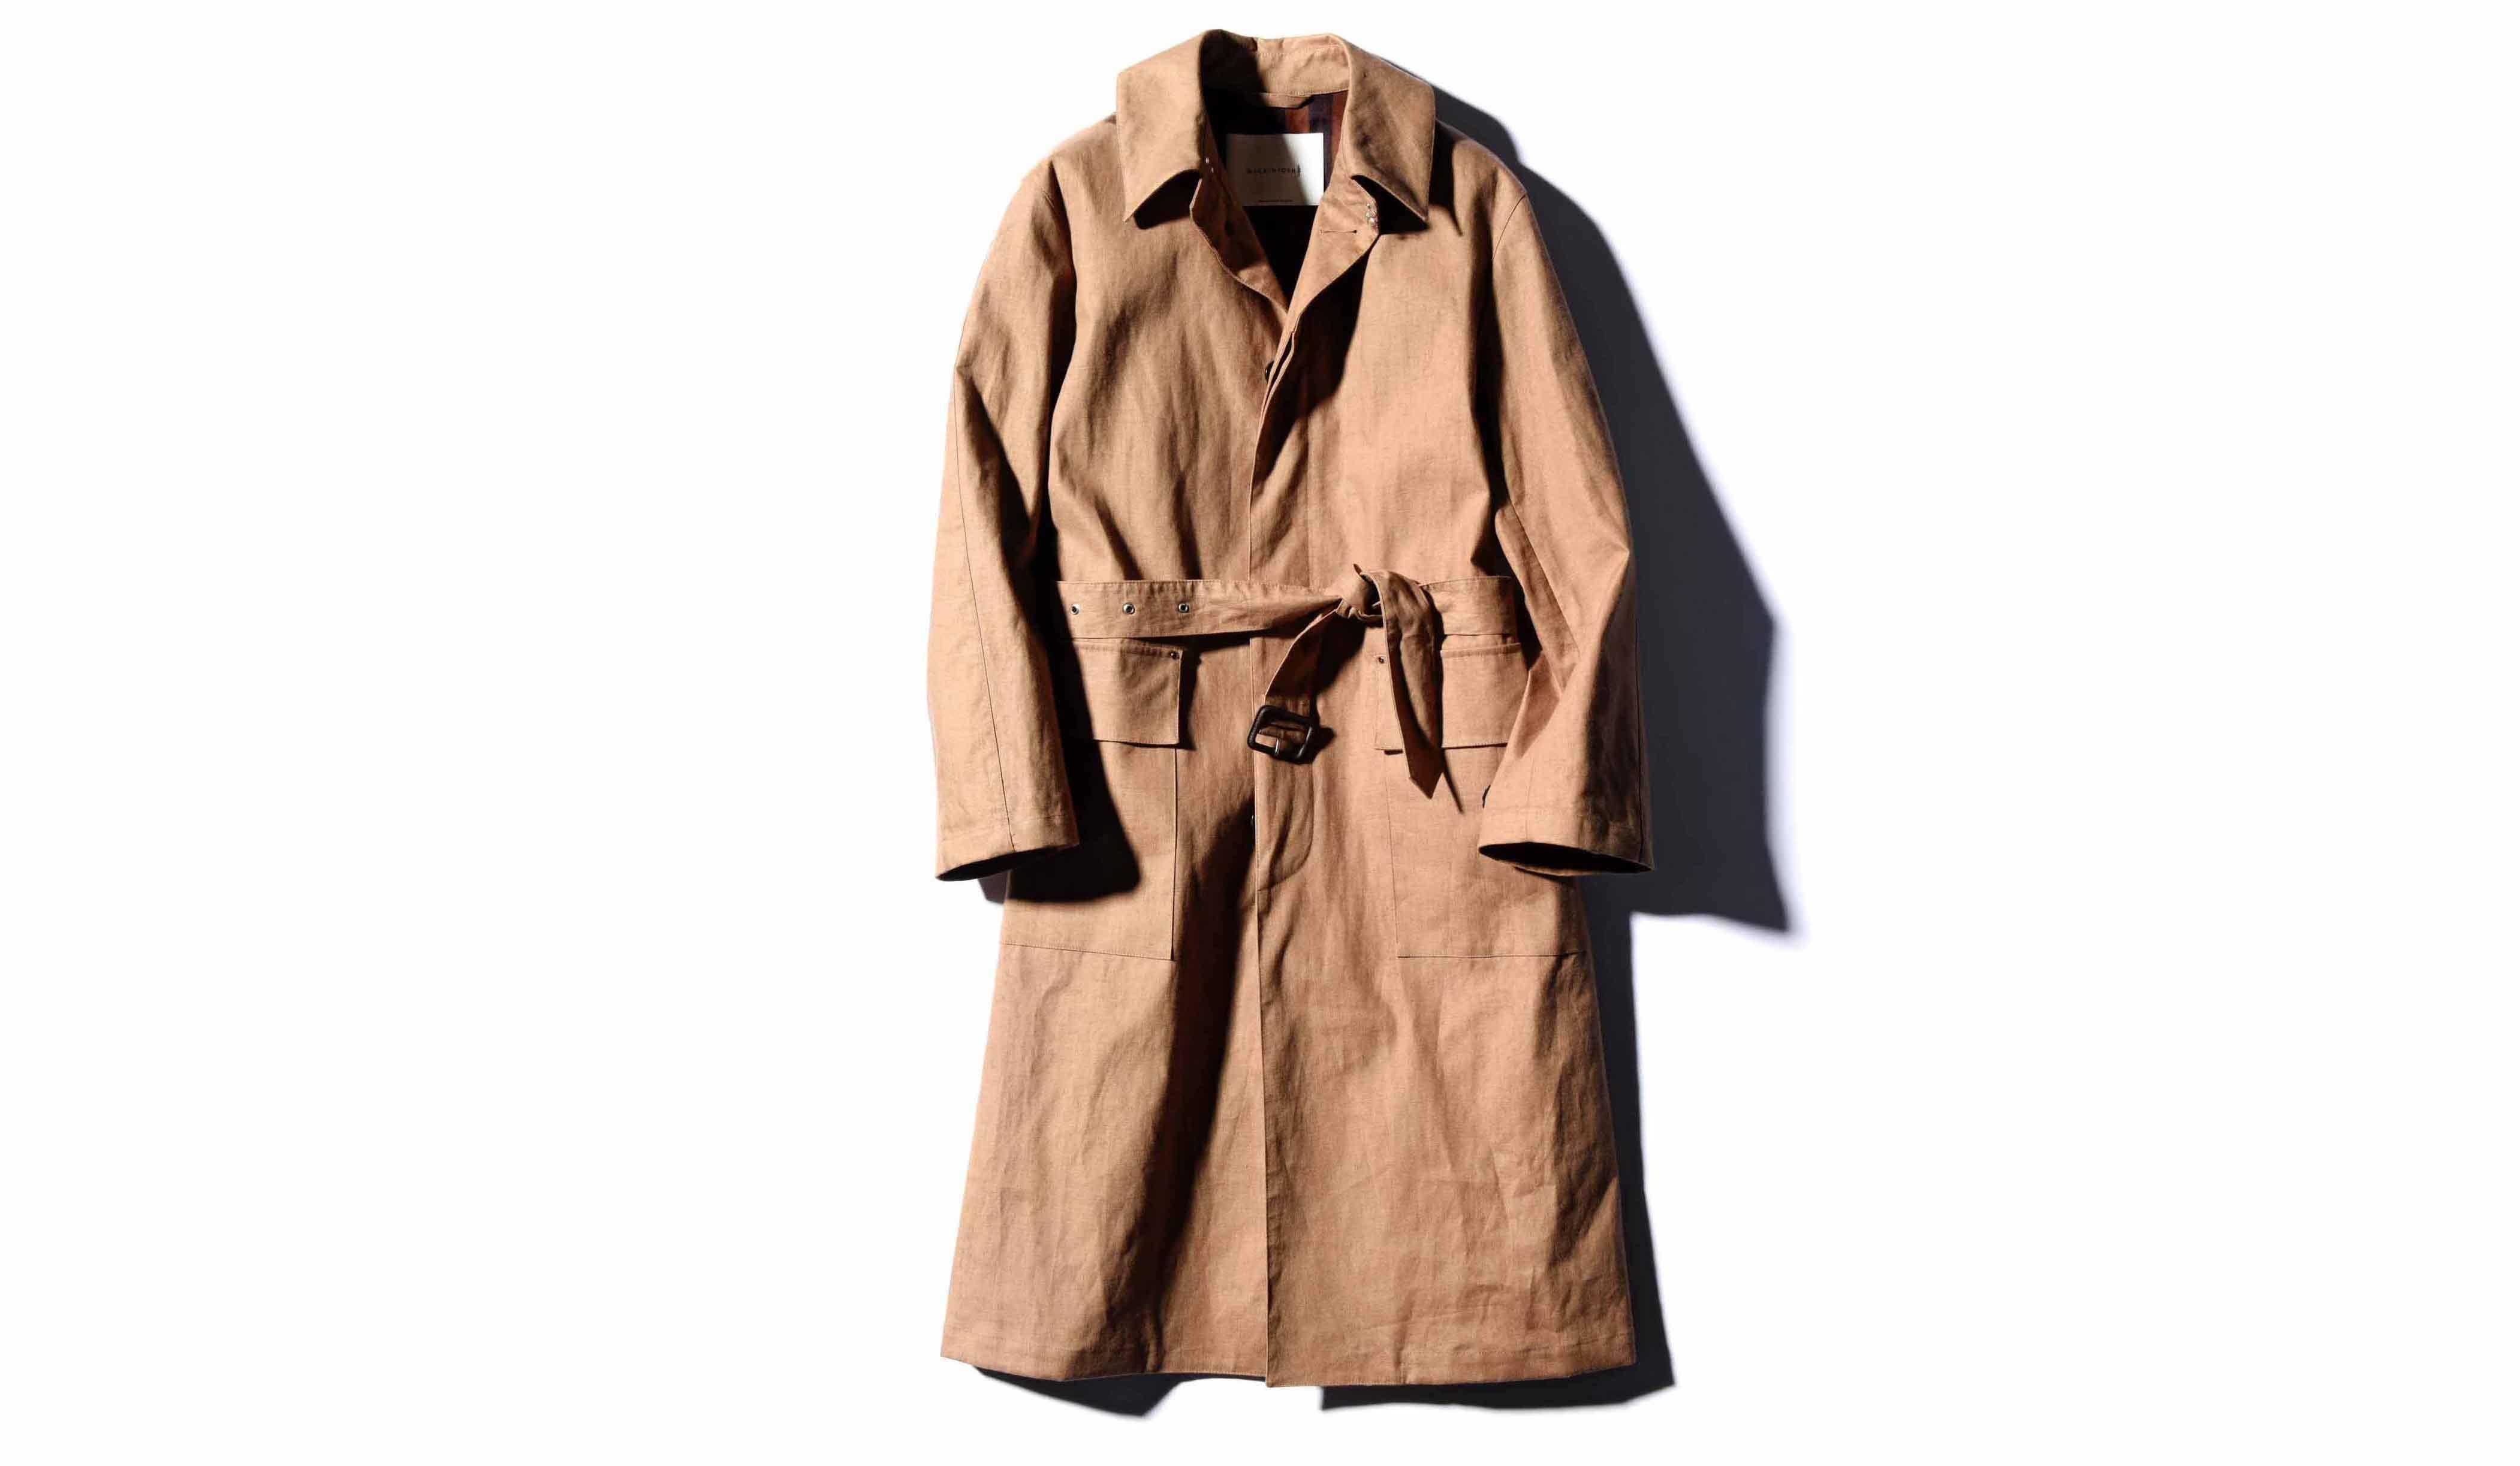 マッキントッシュのベルテッドコート「タイン」